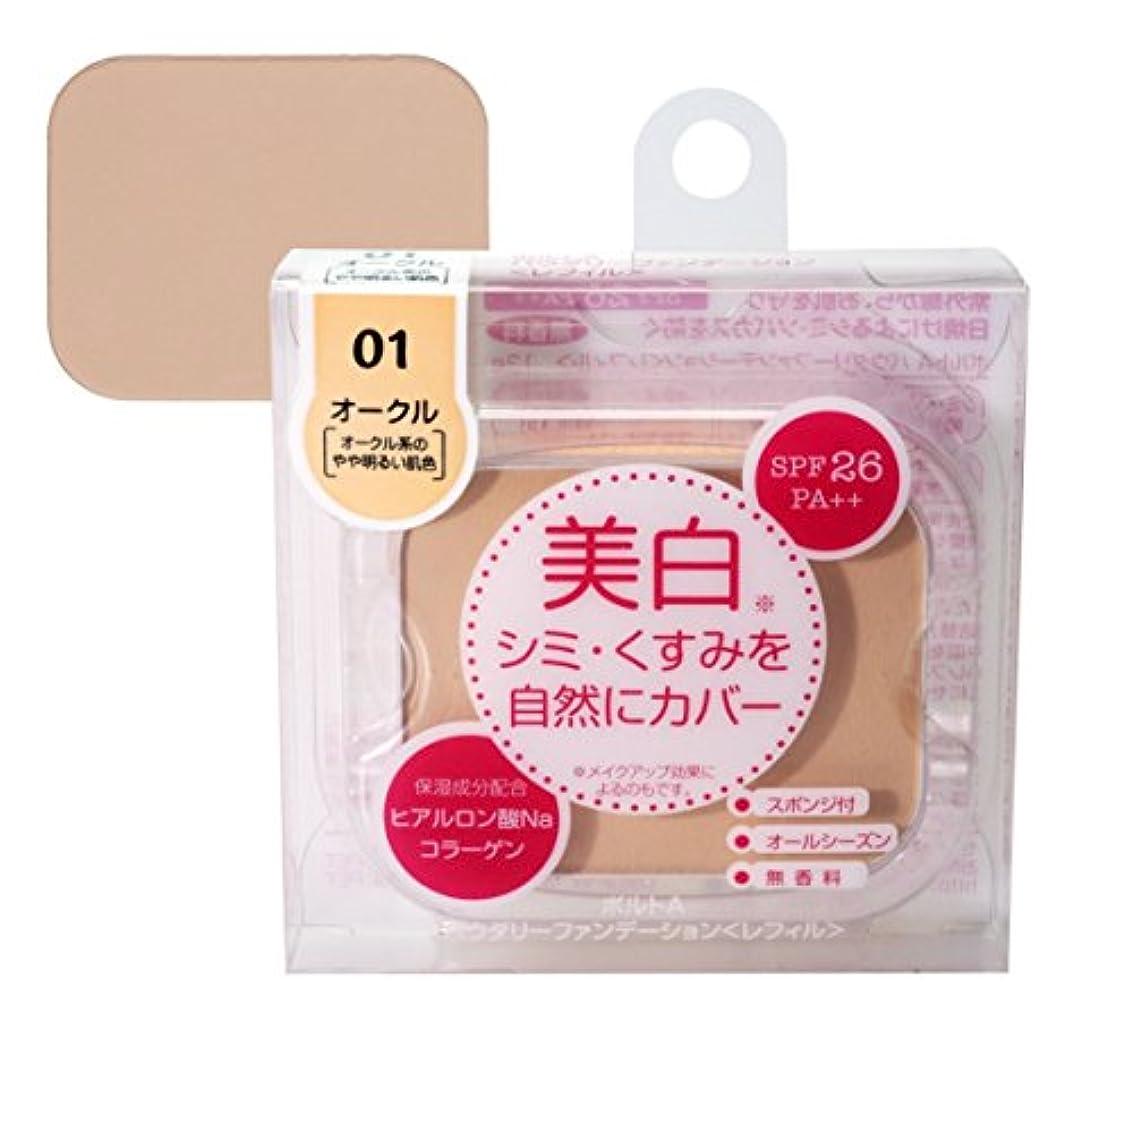 タバコ費用アーチポルトA 紫外線からお肌を守り、日焼けによるシミ、ソバカスを防ぐパウダリーファンデーションレフィル(詰替) 1号:オークル(7506)